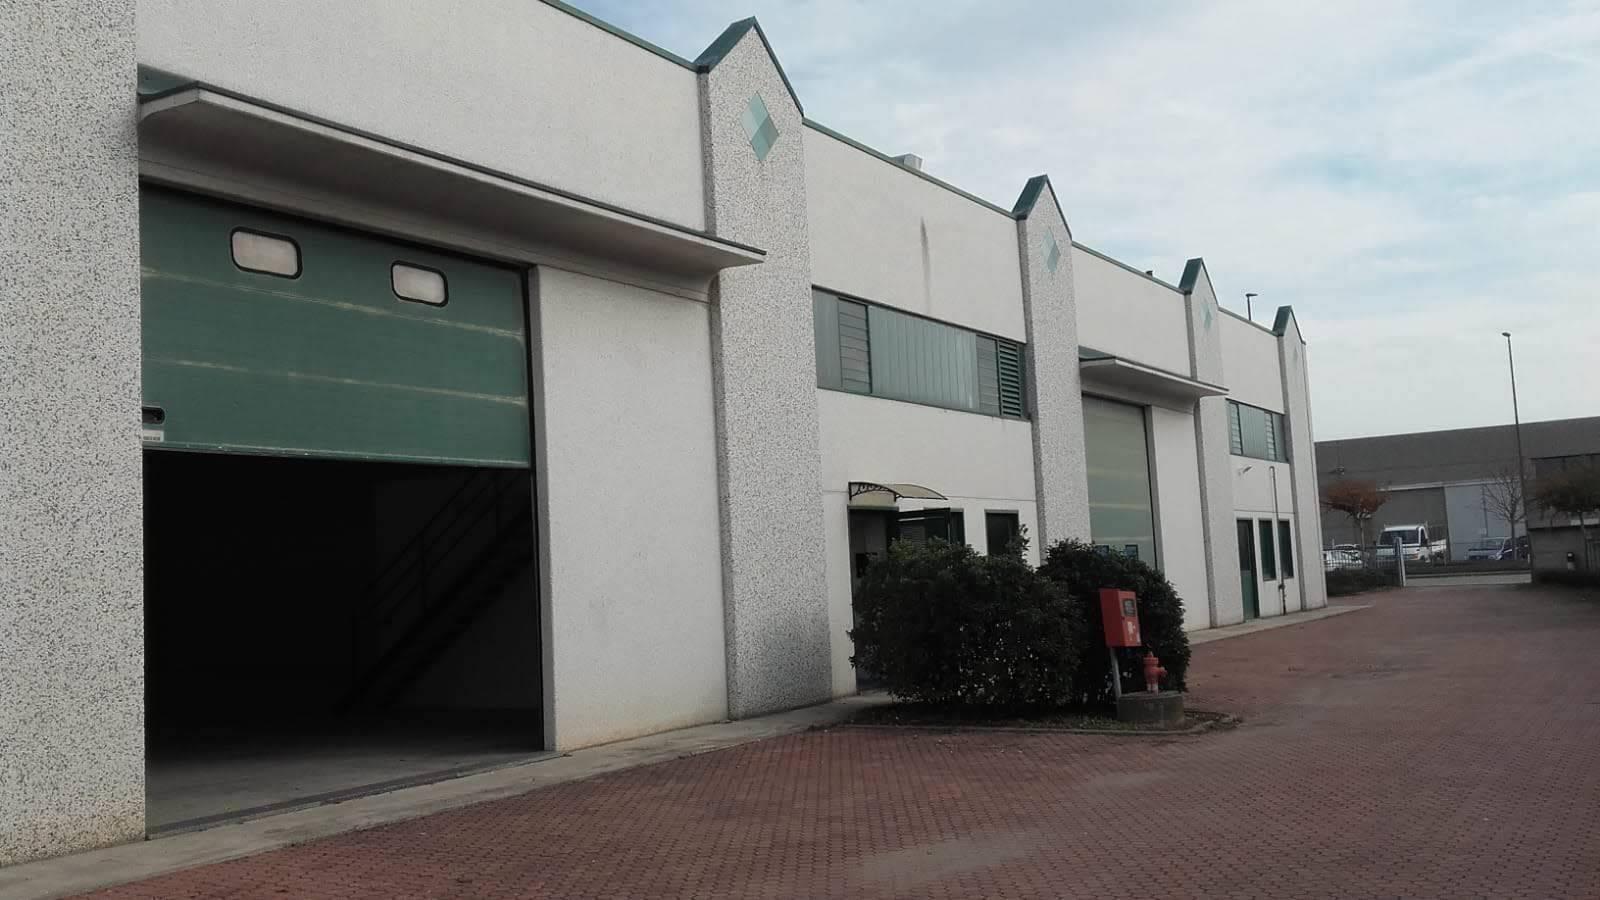 Immobile Commerciale in affitto a Bollengo, 2 locali, prezzo € 1.150   PortaleAgenzieImmobiliari.it